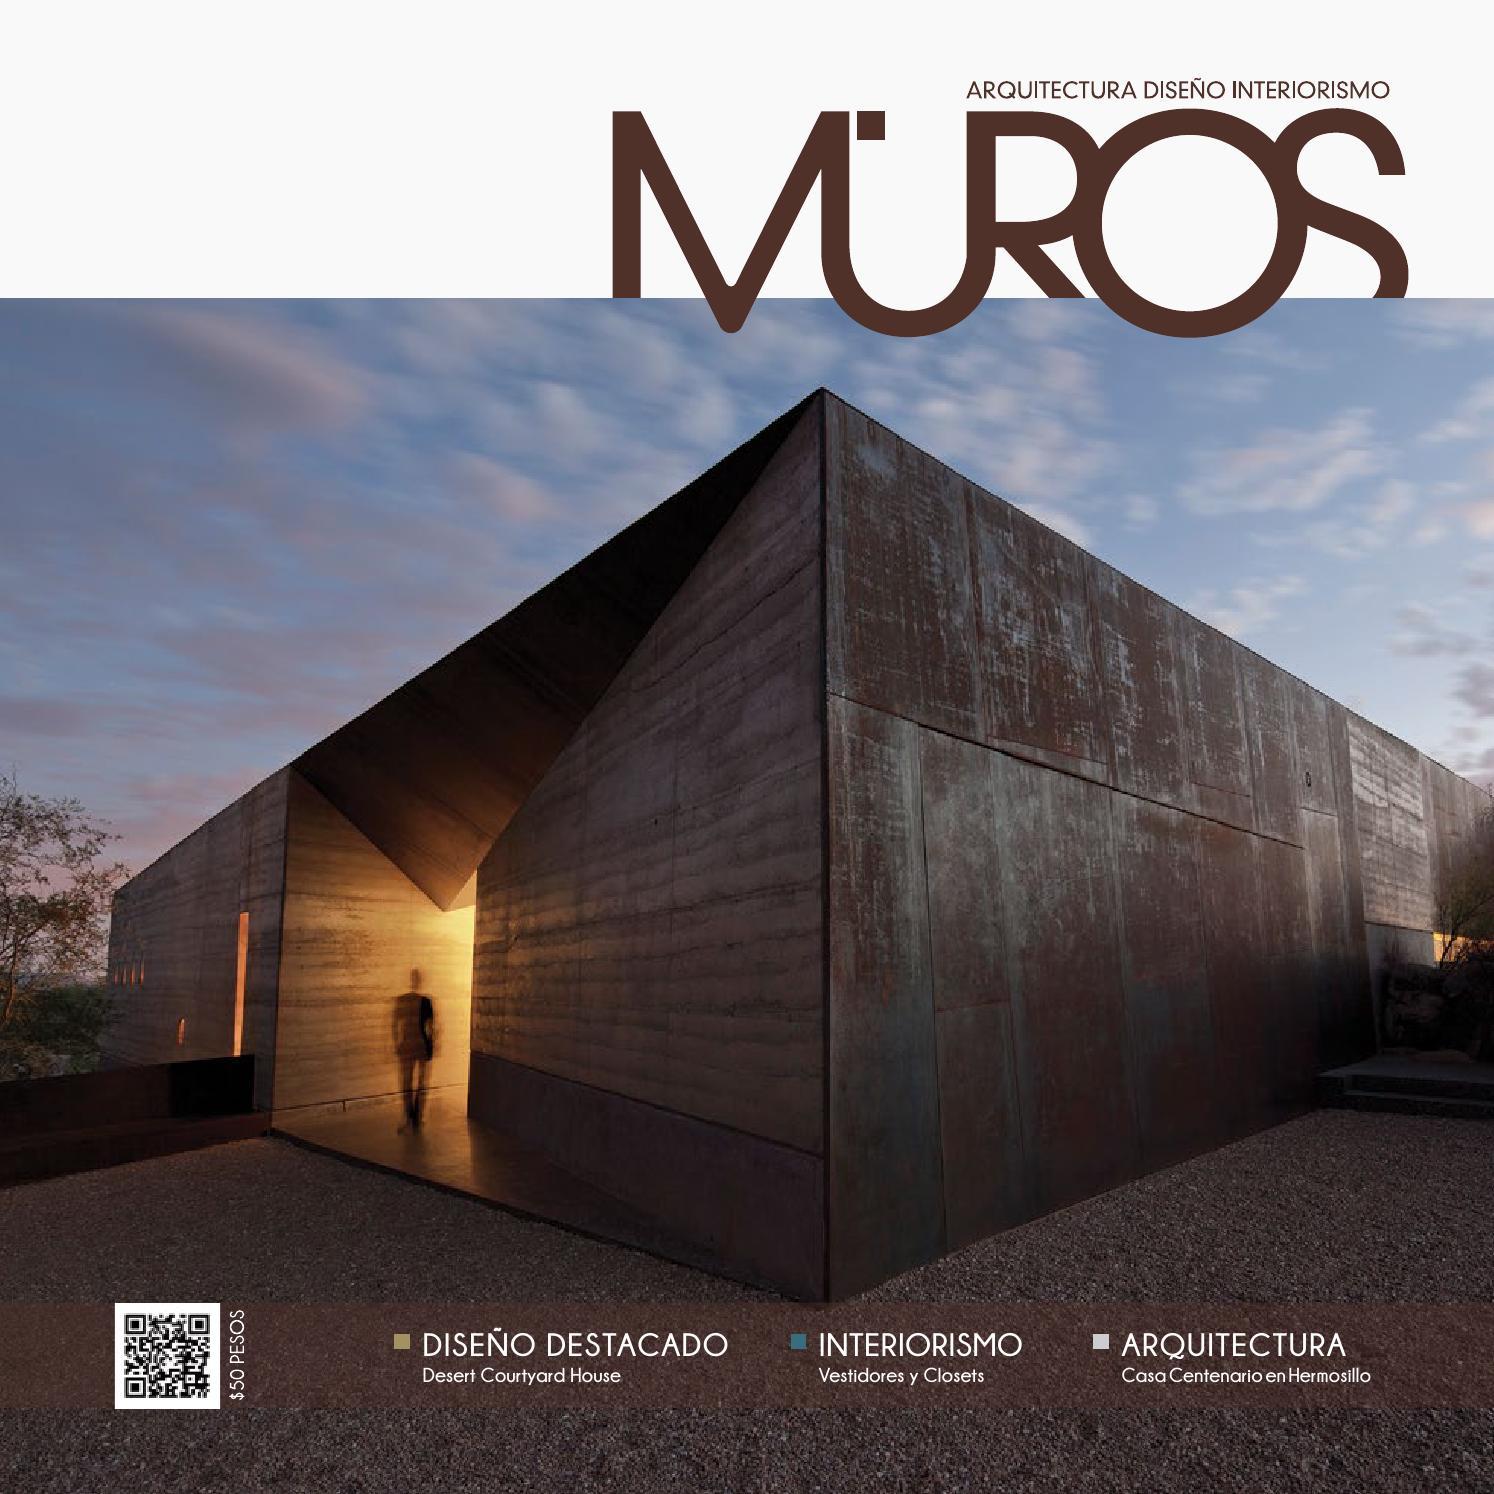 Edici n 16 revista muros arquitectura dise o - Paginas de arquitectura y diseno ...